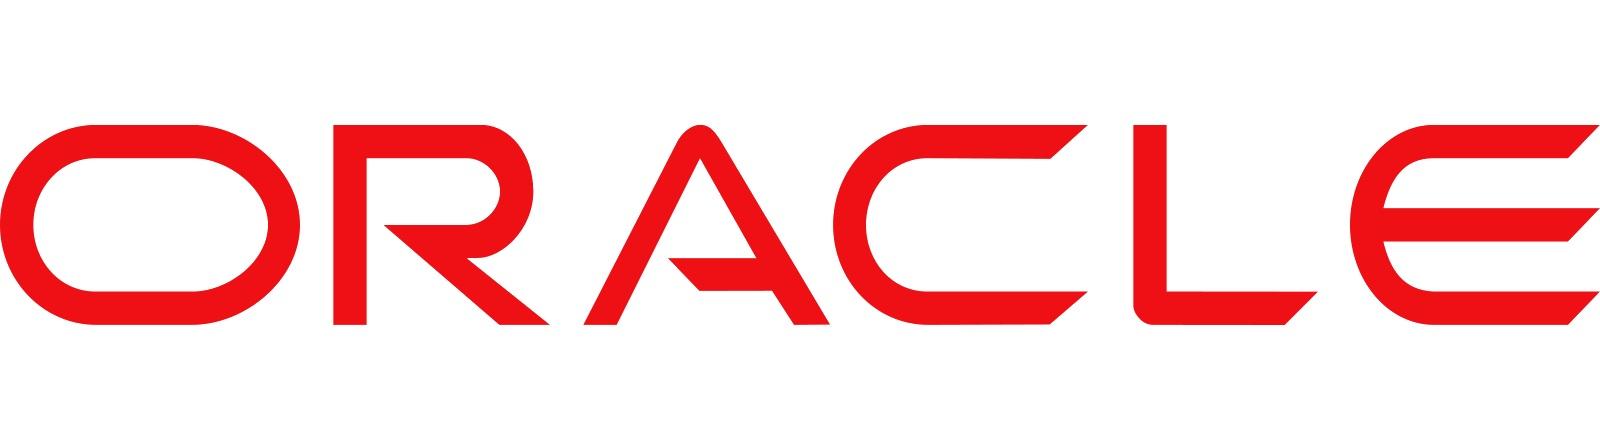 oracle-logo_0.jpg